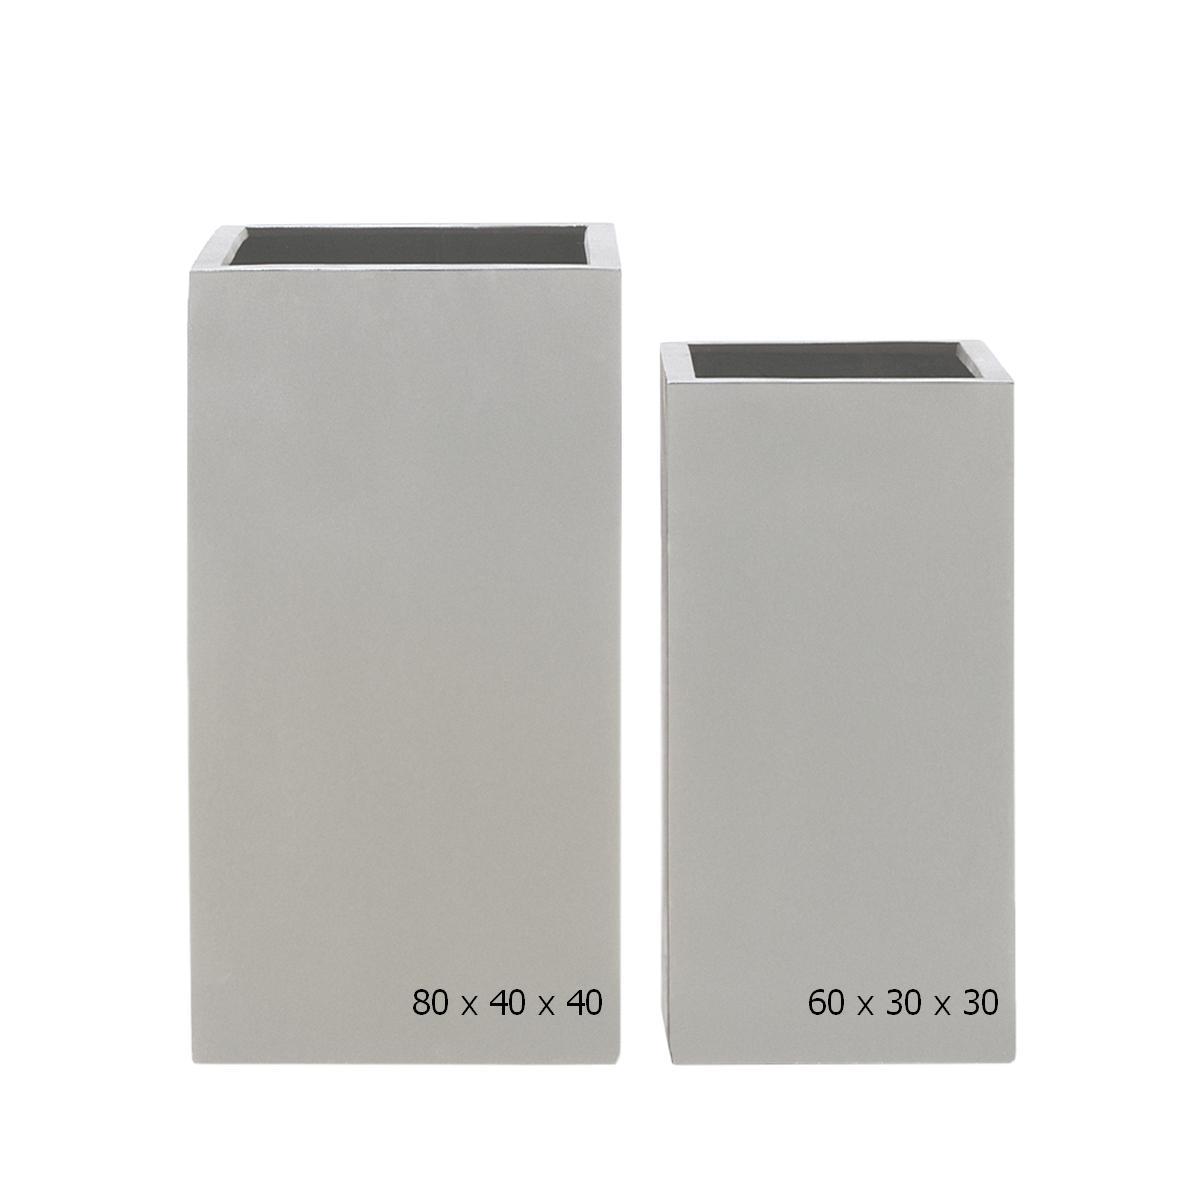 STONEFIBER der hohe Quadratische Pflanzsäule 80 grau